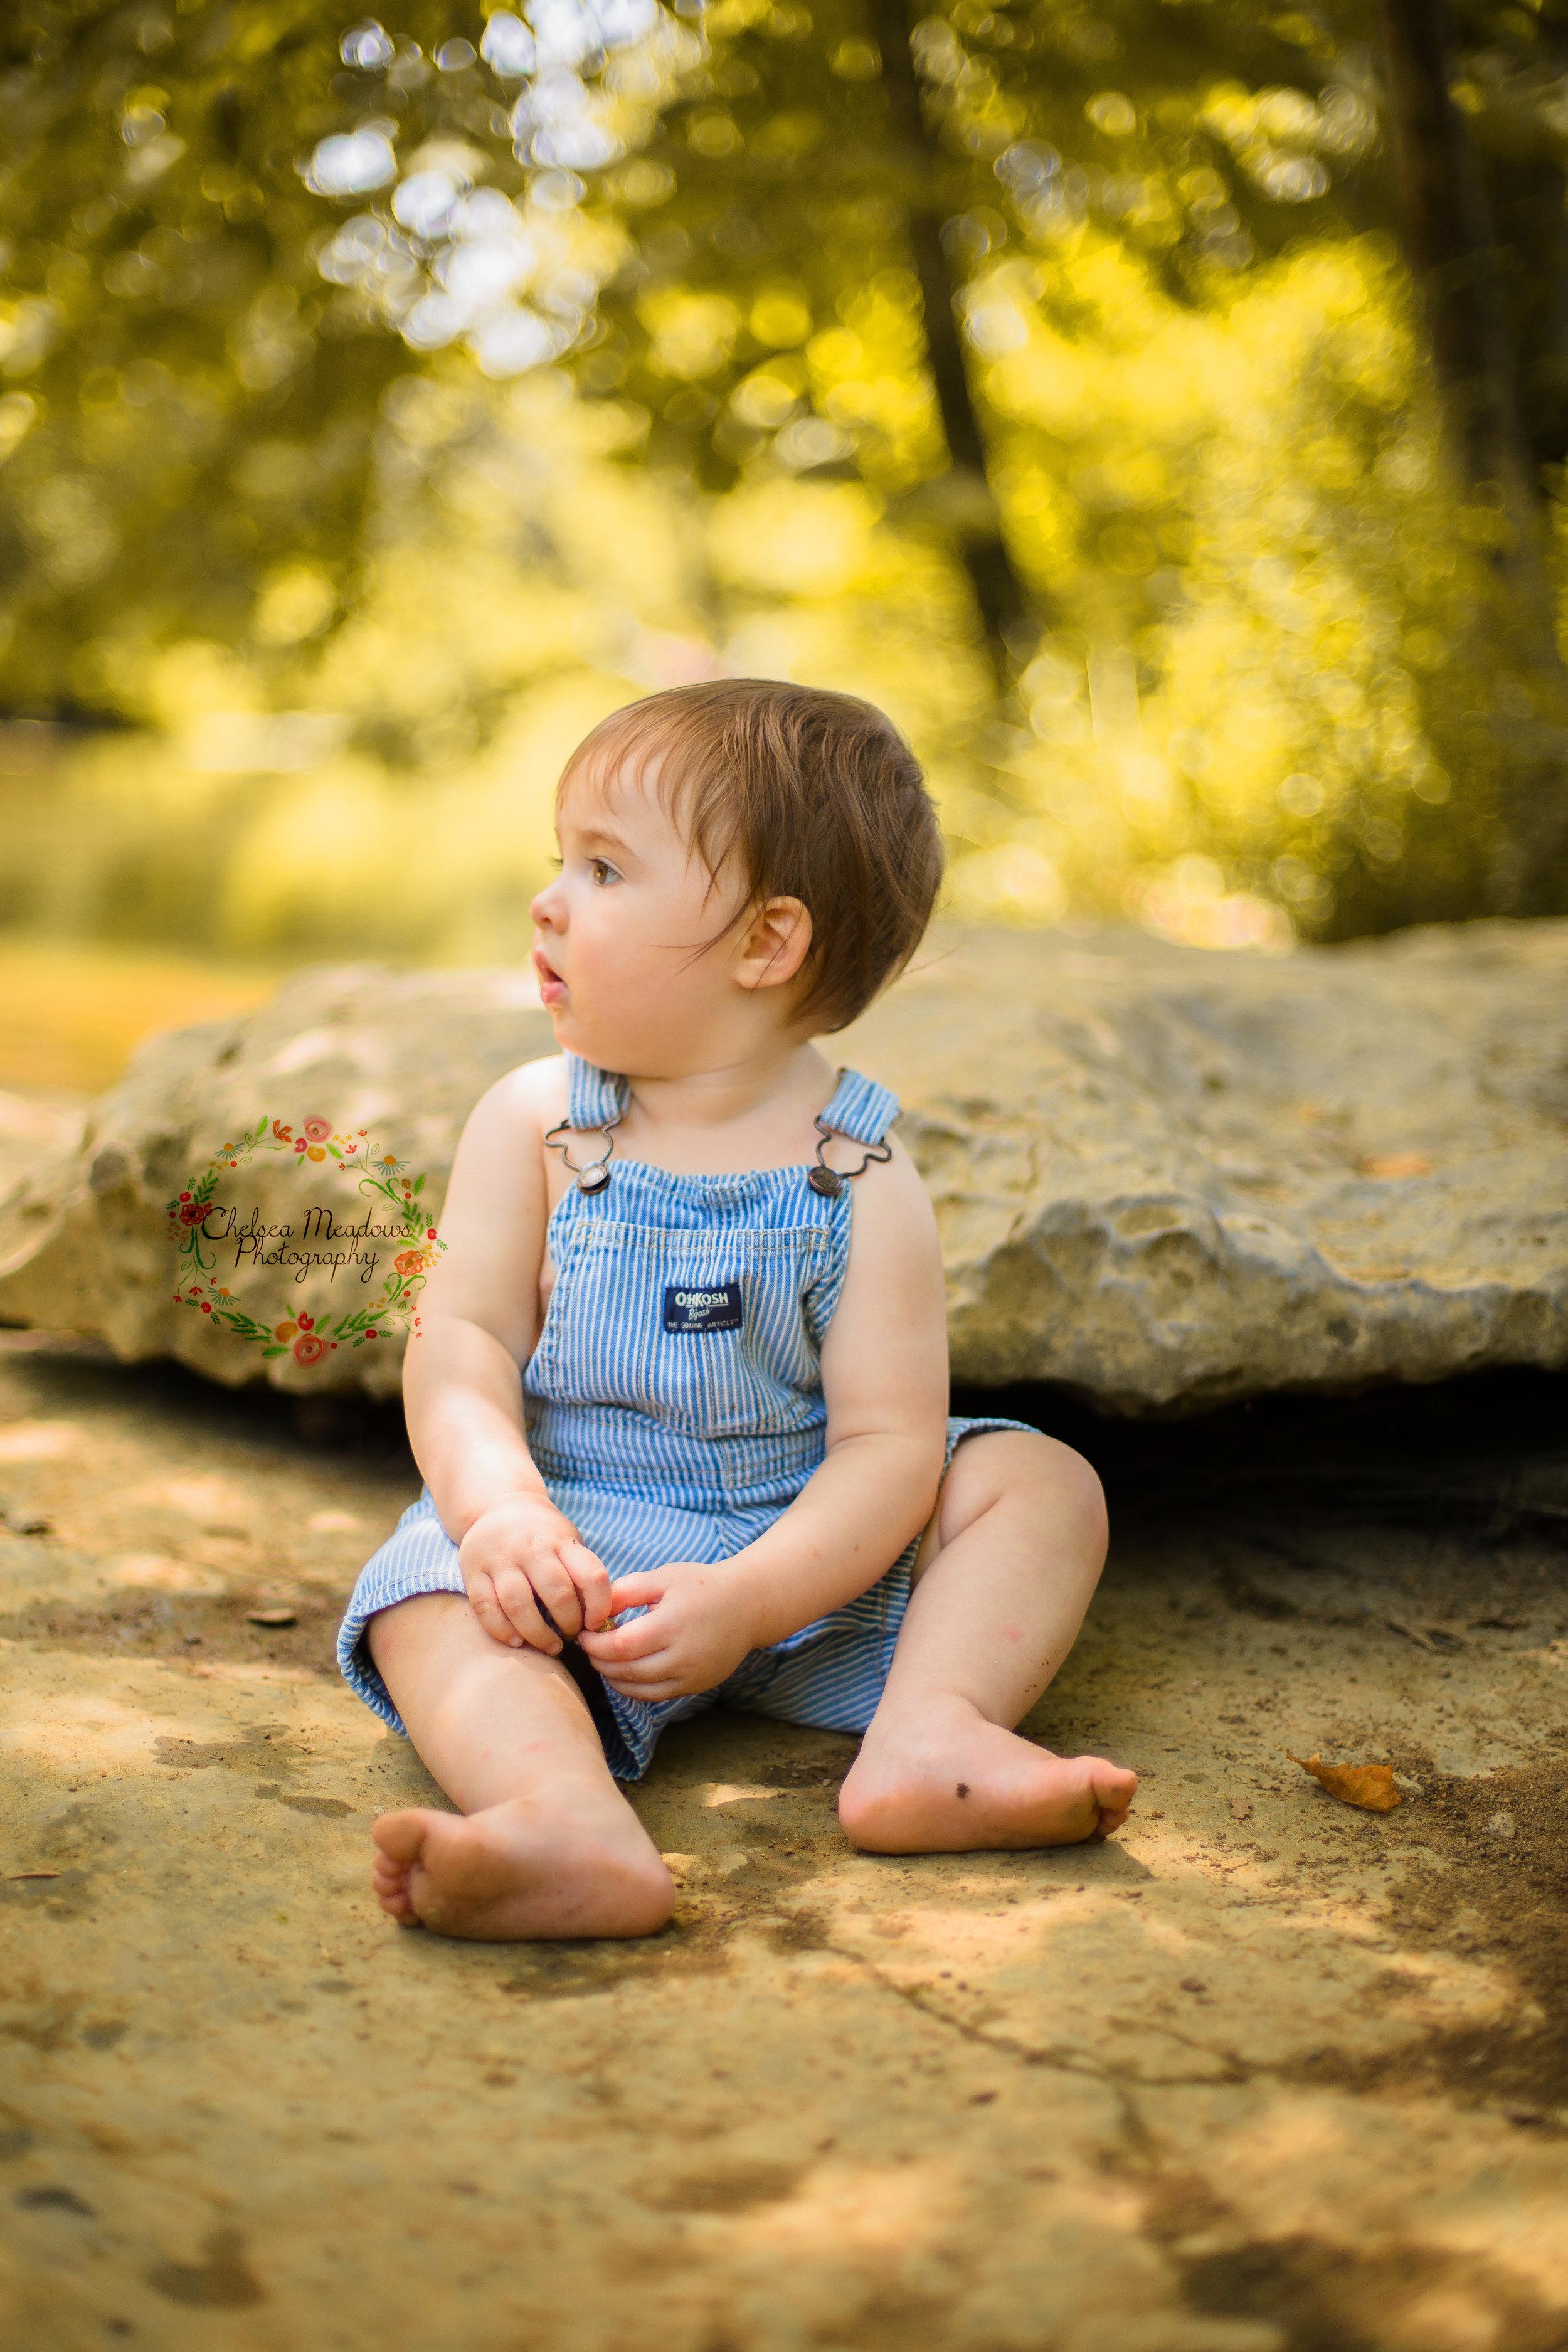 Rowans First Birthday - Nashville Family Photographer - Chelsea Meadows Photography (21).jpg